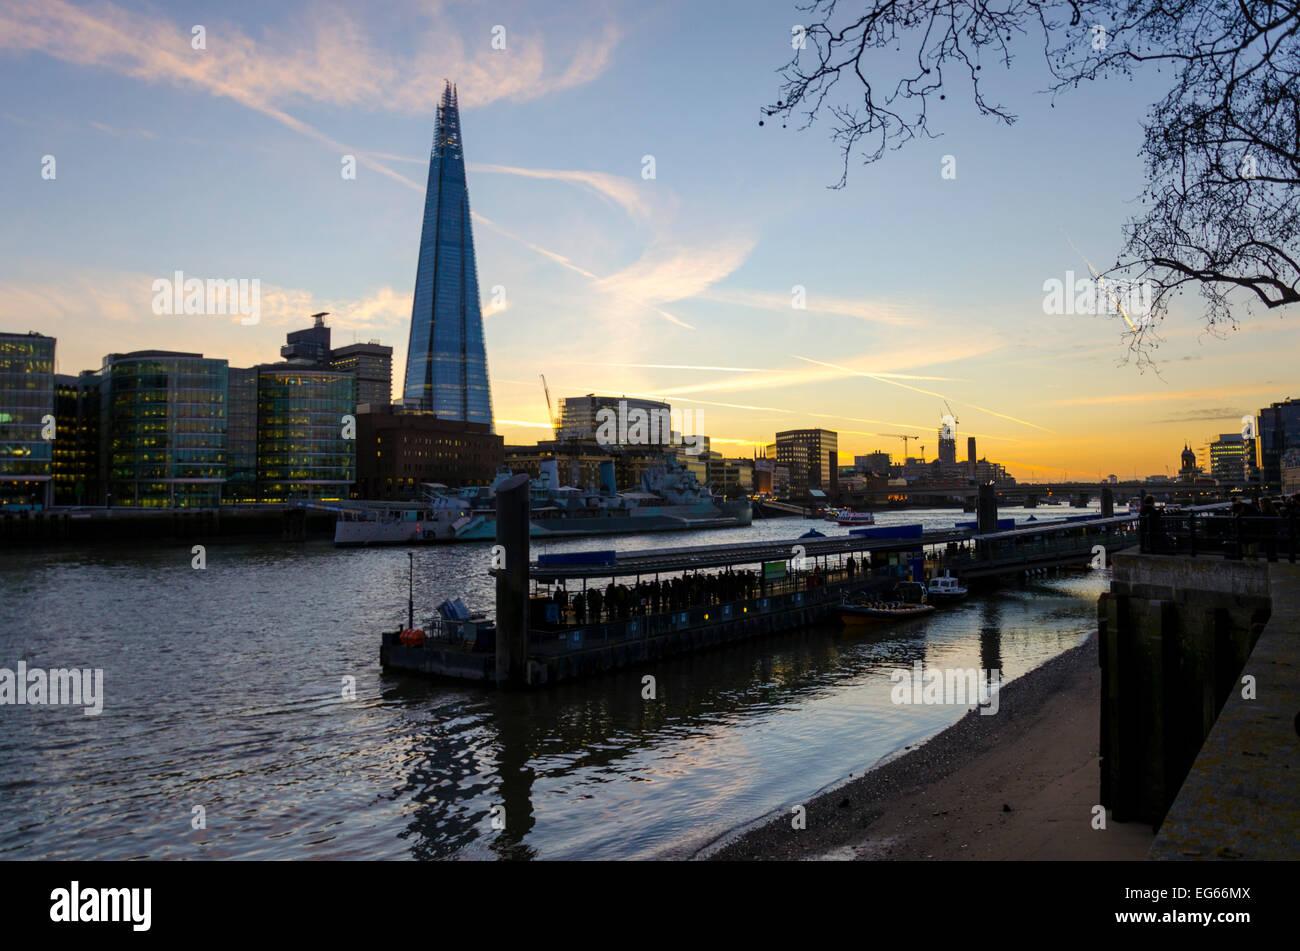 Londra, Regno Unito 17 Febbraio 2015: una chiara del cielo della sera sulla capitale significherà che durante Immagini Stock